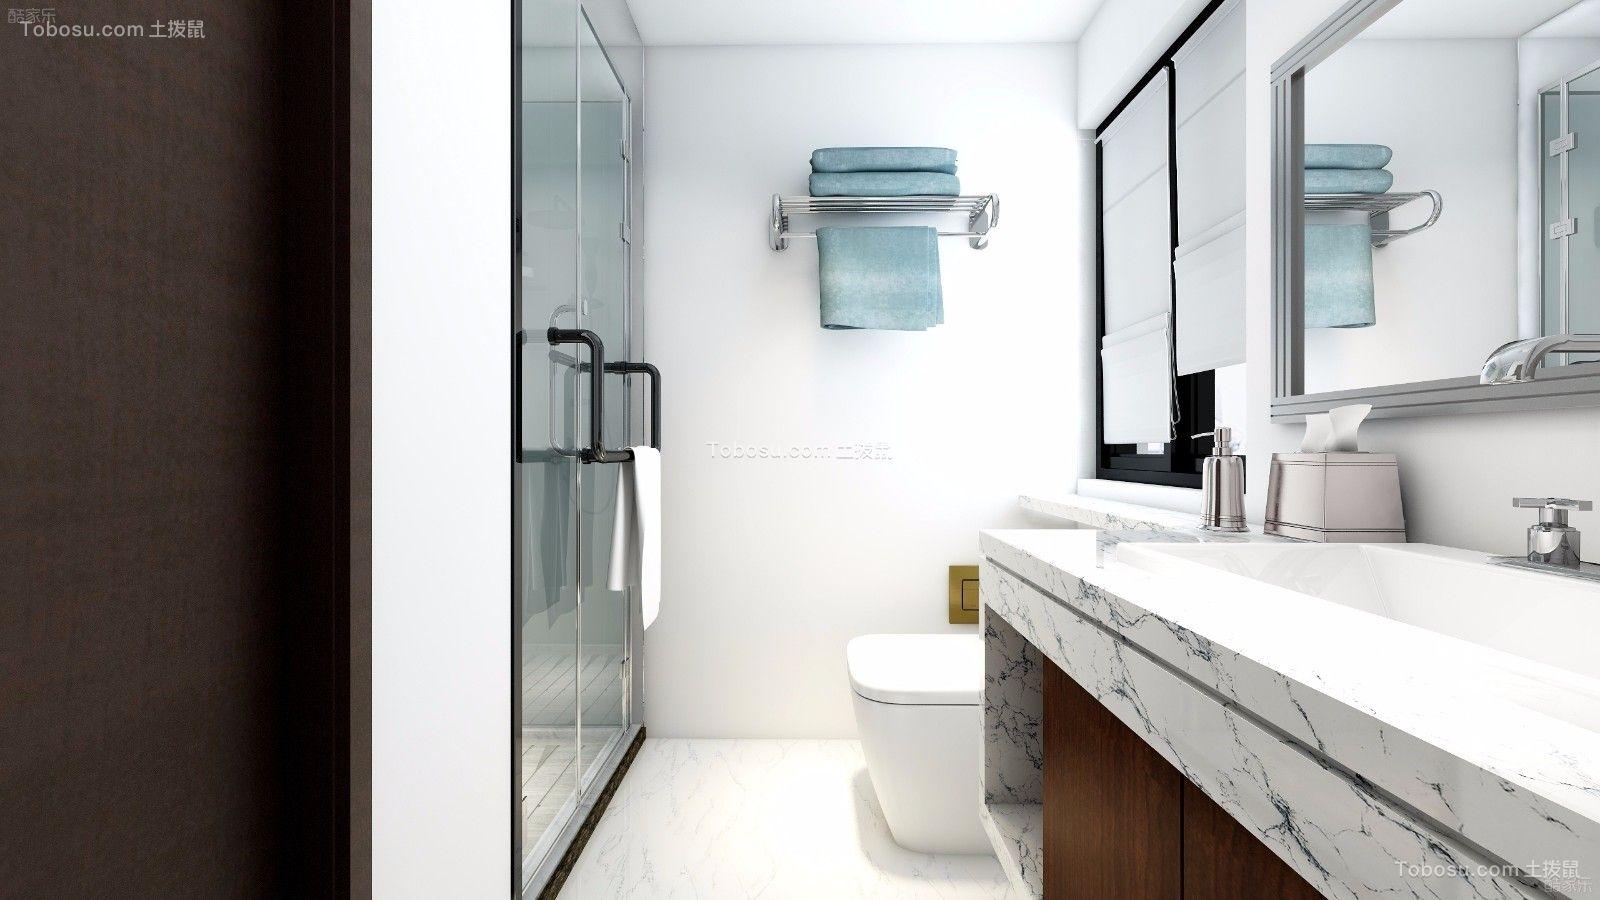 卫生间白色洗漱台现代简约风格效果图